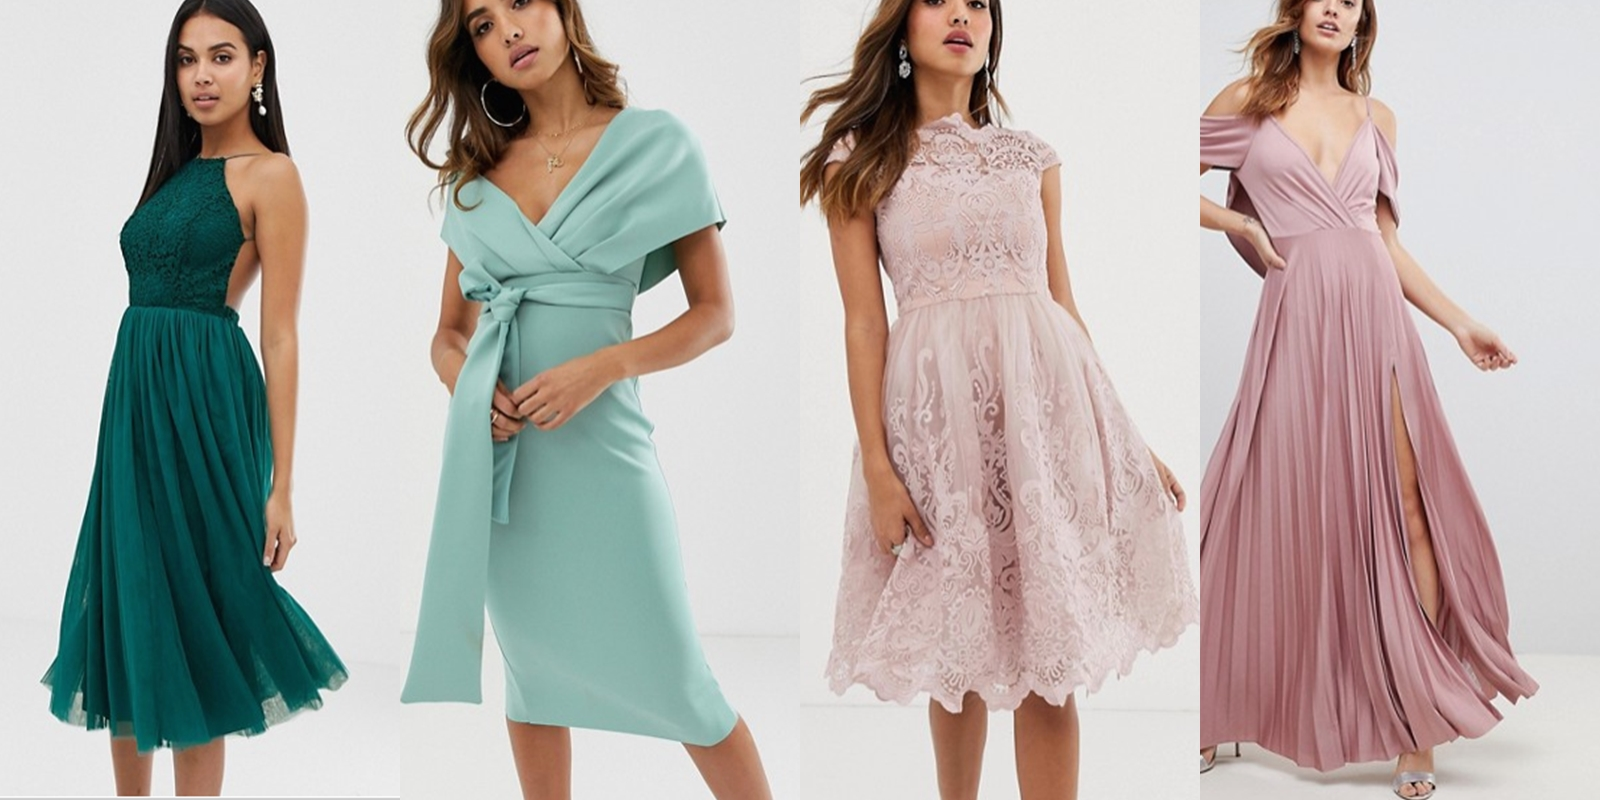 d35b356136 Sukienki na wesele - jaką wybrać  - Kolorowadusza.com